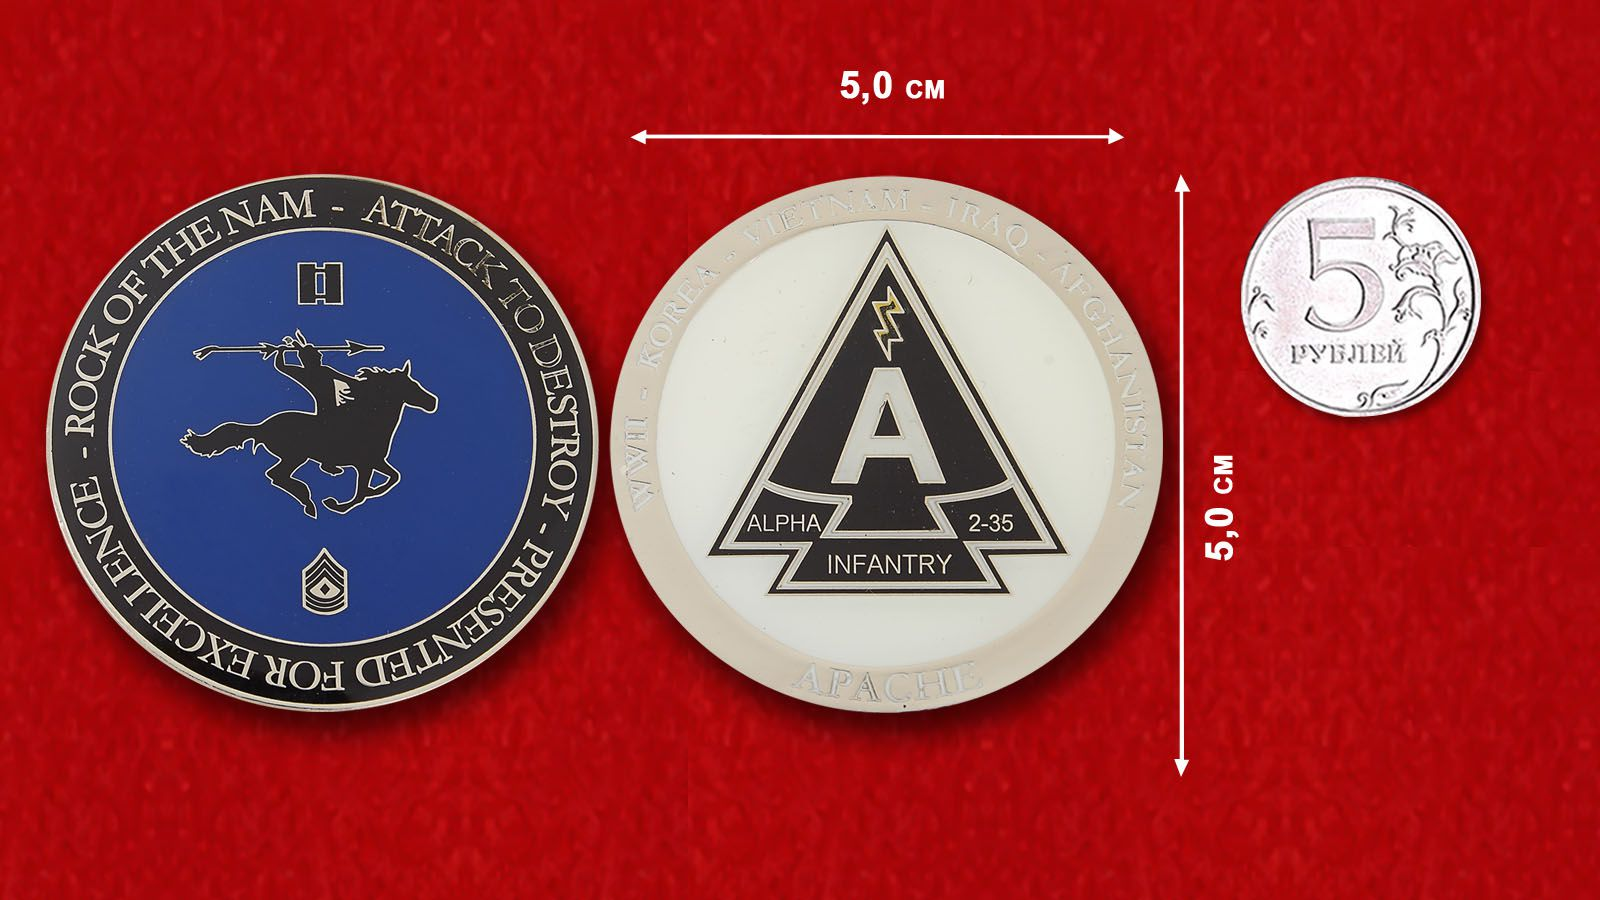 Челлендж коин группы Альфа 2-го батальона 35-го Пехотного полка армии США - сравнителный размер